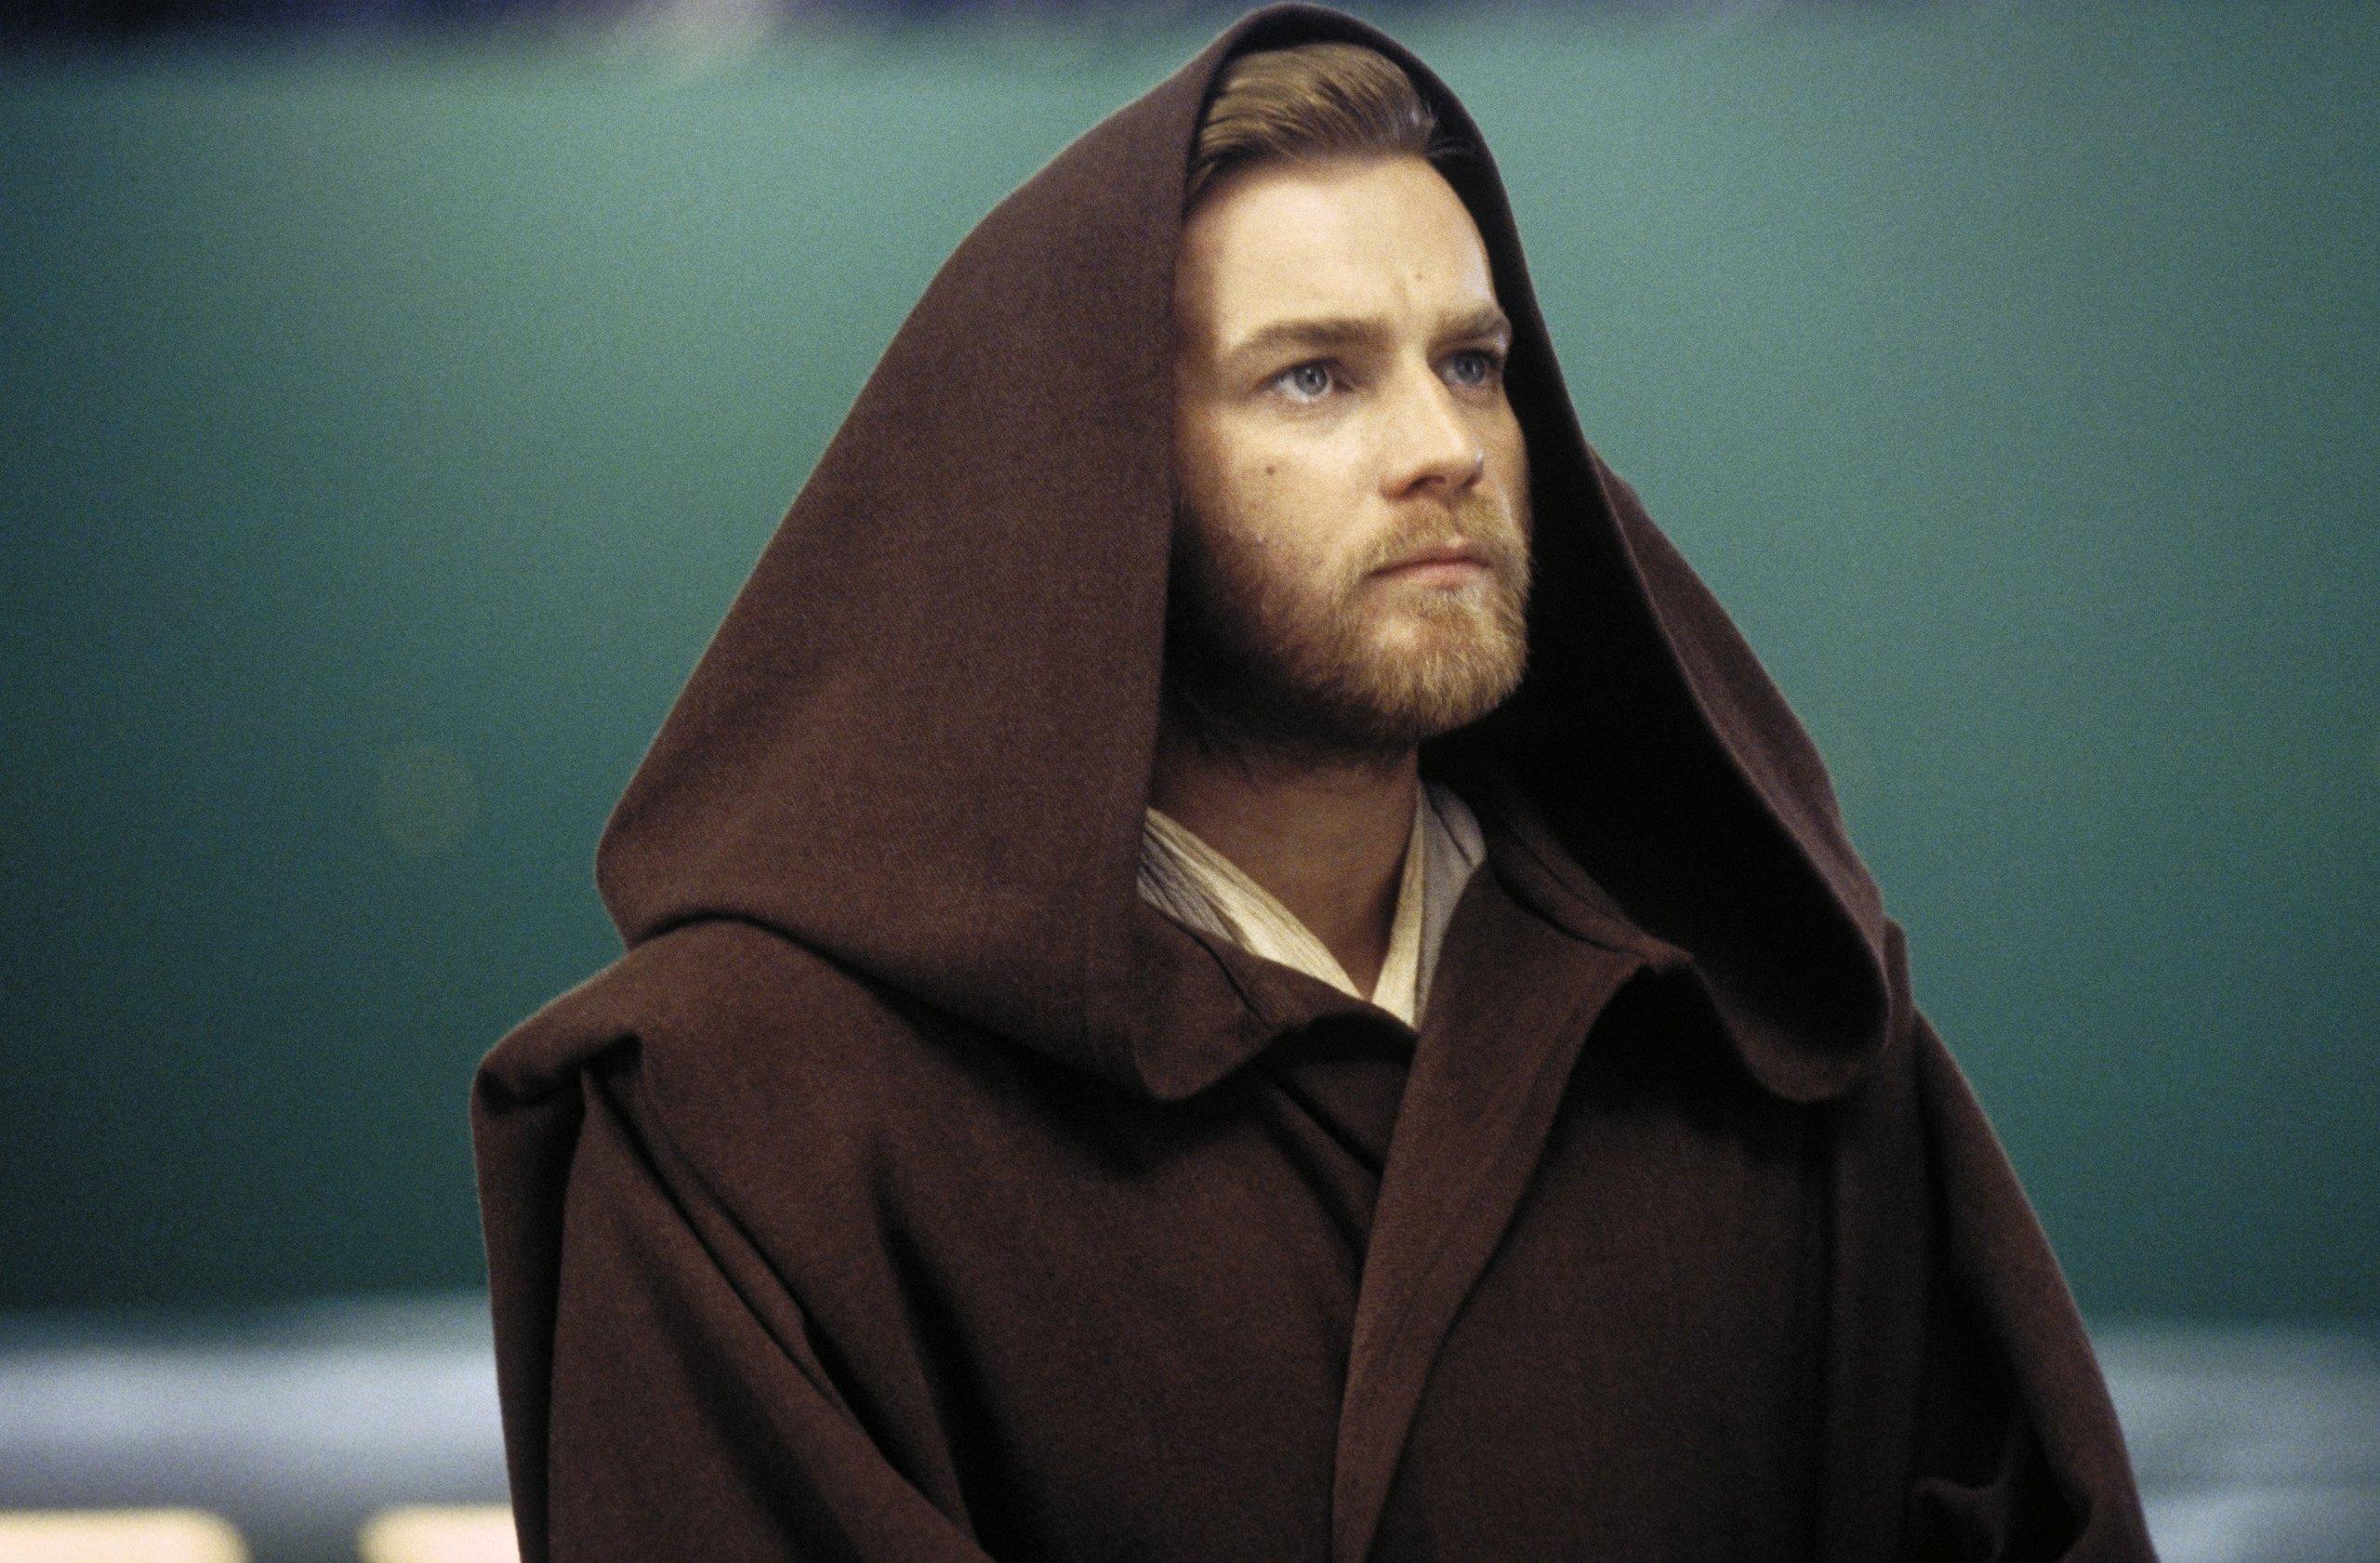 Obi Wan Kenobi   Obi Wan Kenobi Photo 29217673 2560x1681